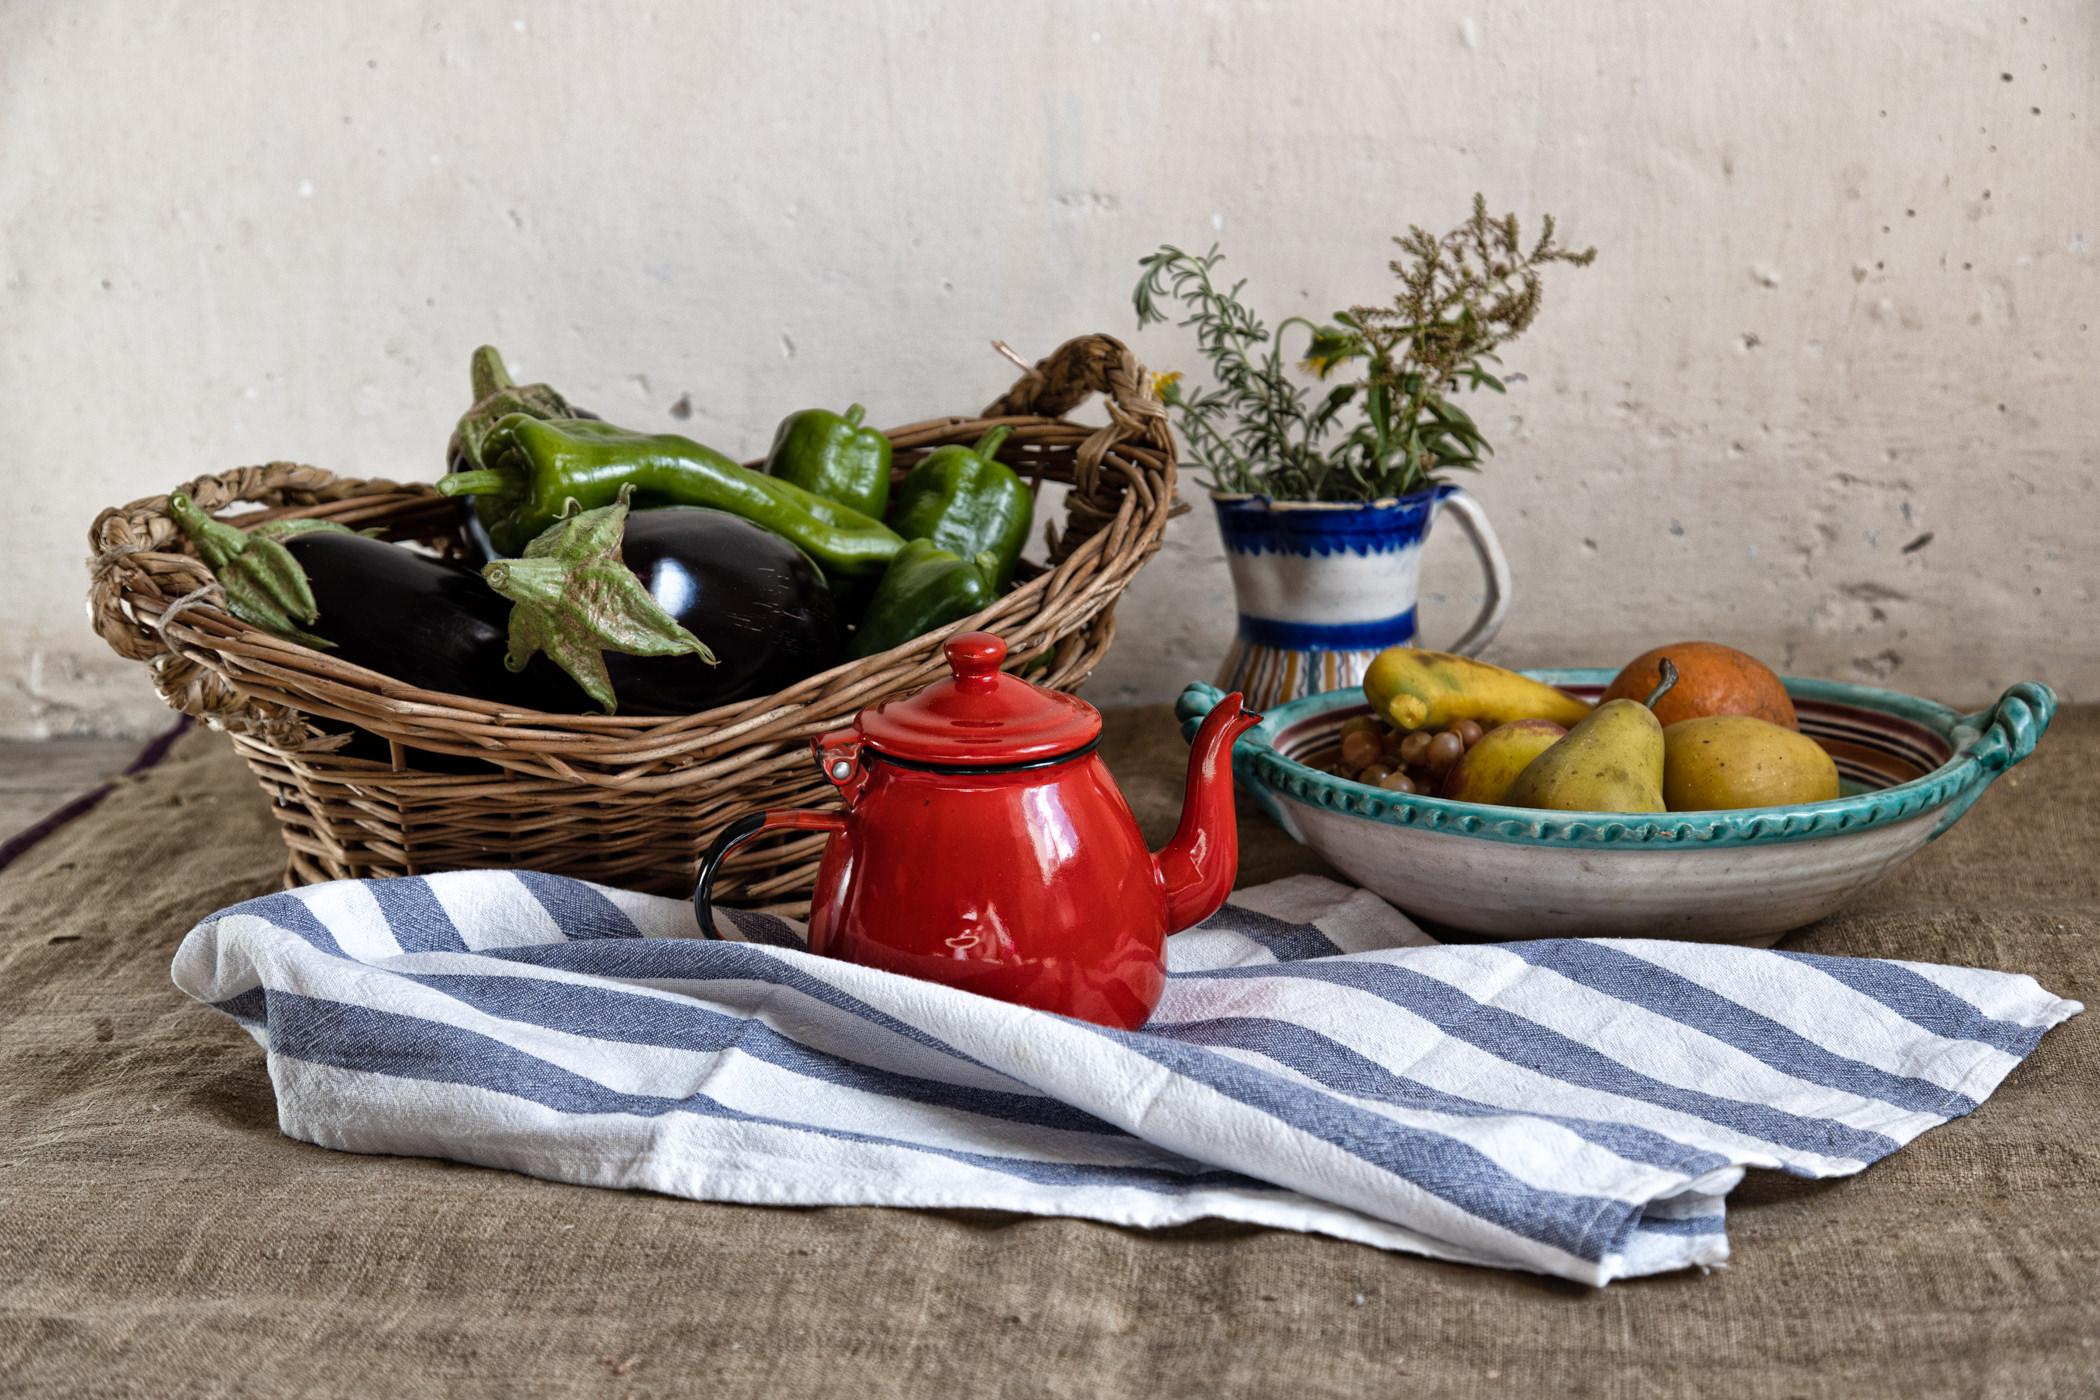 Bodegón rústico sobre saco, con cafetera roja, berenjenas y frutas de plástico